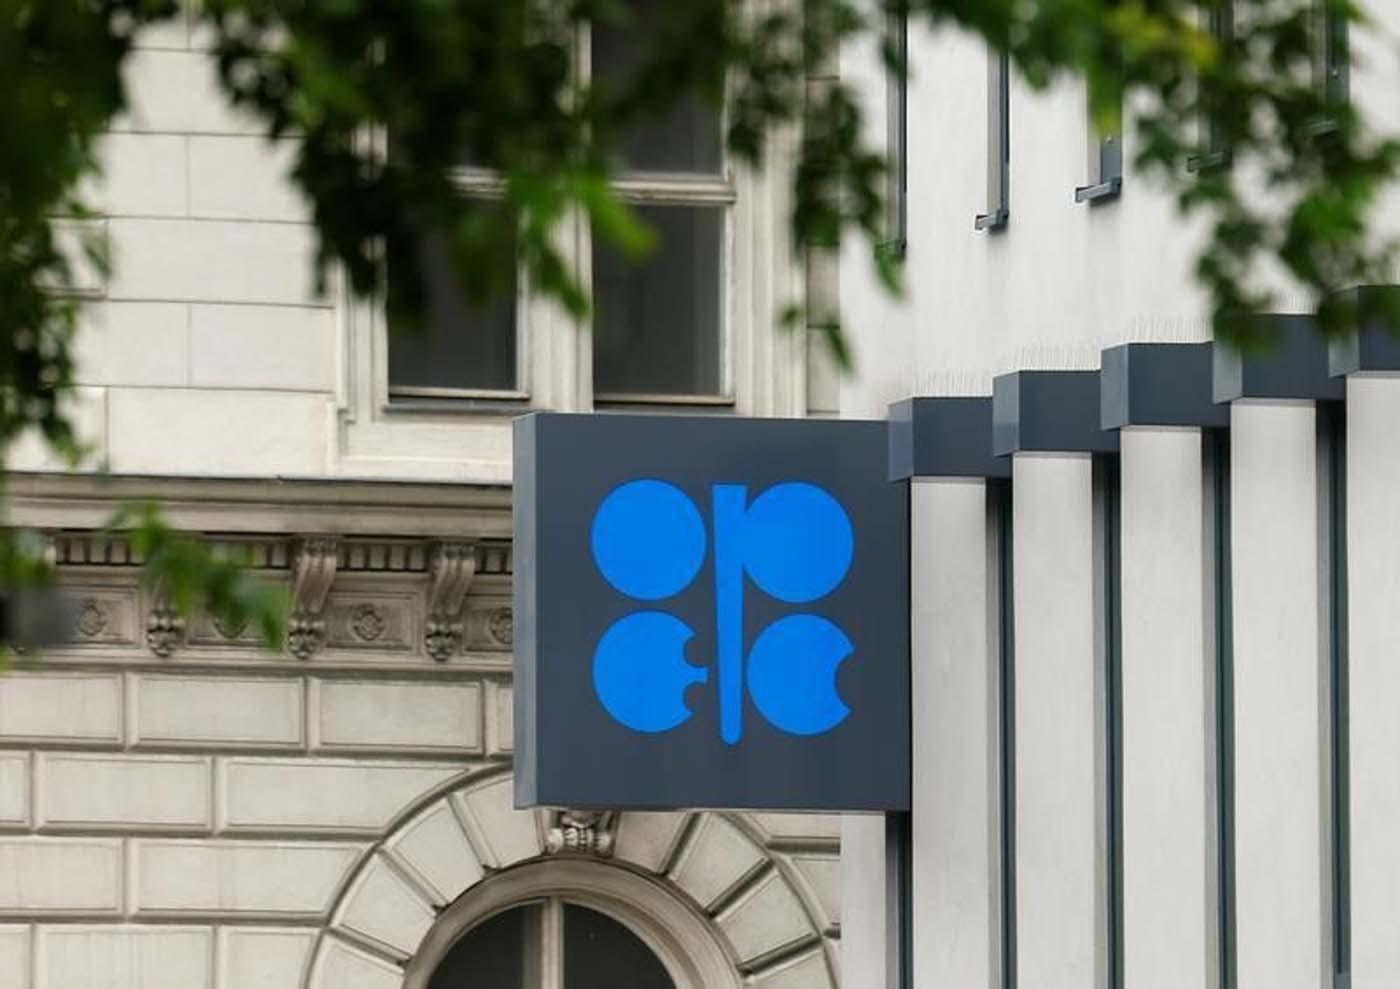 Miembros Opep se inclinan por prolongar acuerdo de recortes de oferta de crudo